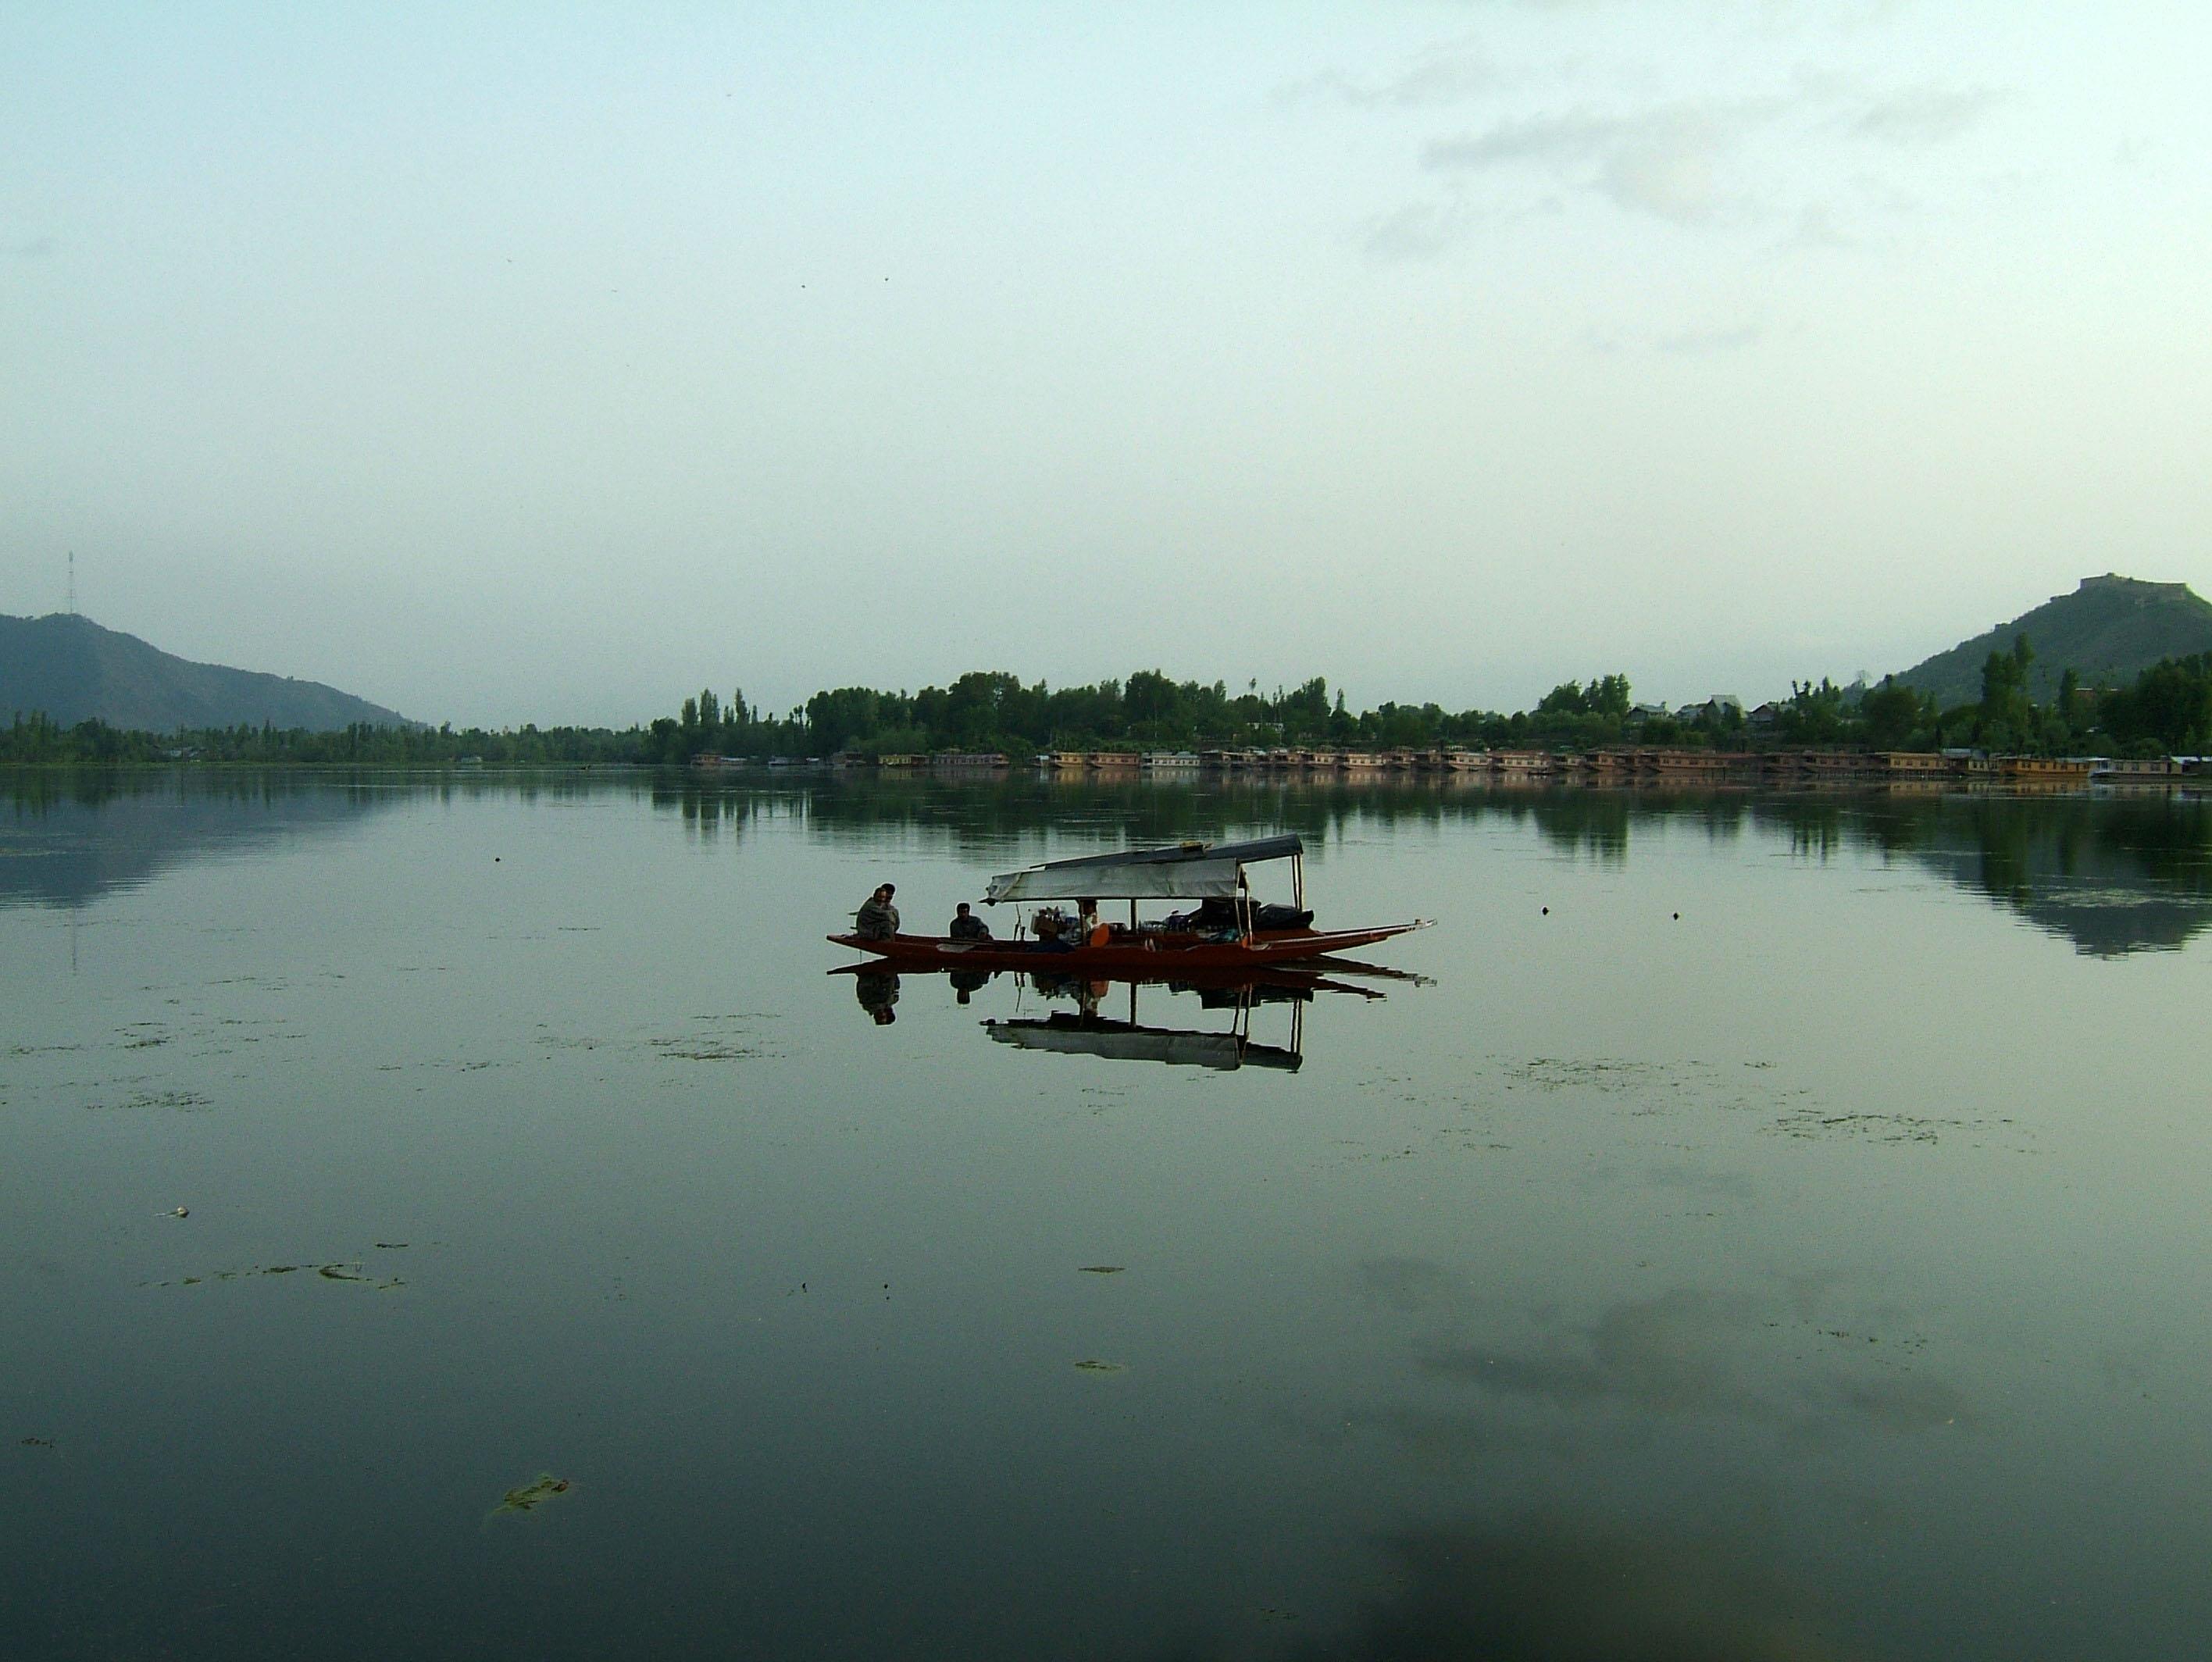 Kashmir Srinagar Shikaras Dal lake India Apr 2004 01